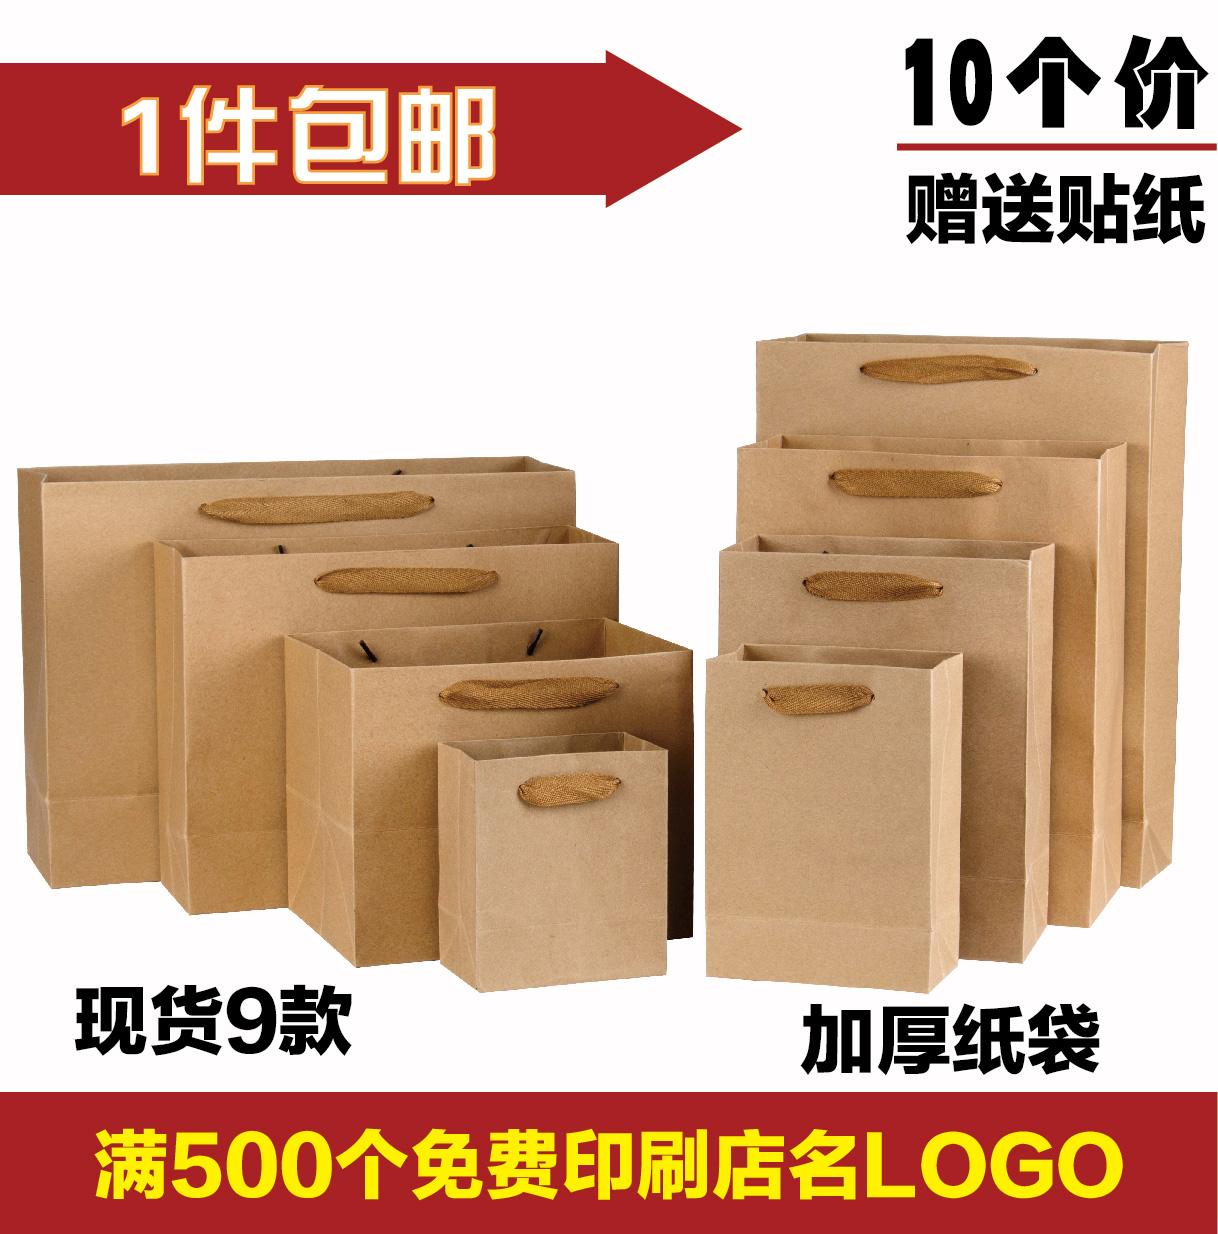 定做厚牛皮纸袋蜂蜜包装袋茶叶特产食品手提袋礼品服装袋鞋袋现货